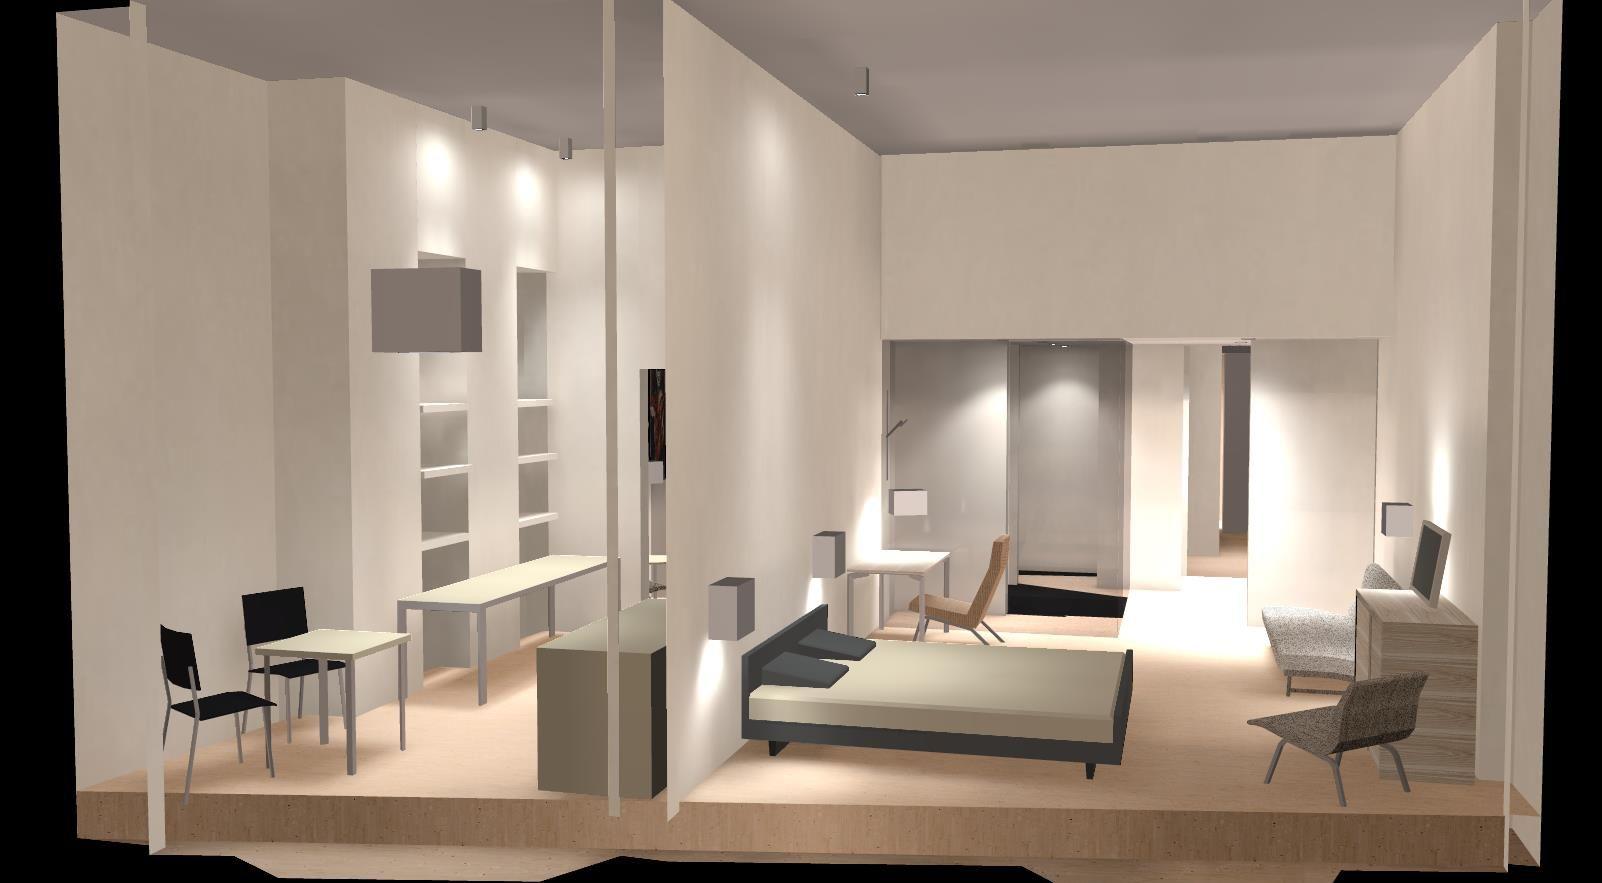 Illuminazione design firenze illuminazione interni e